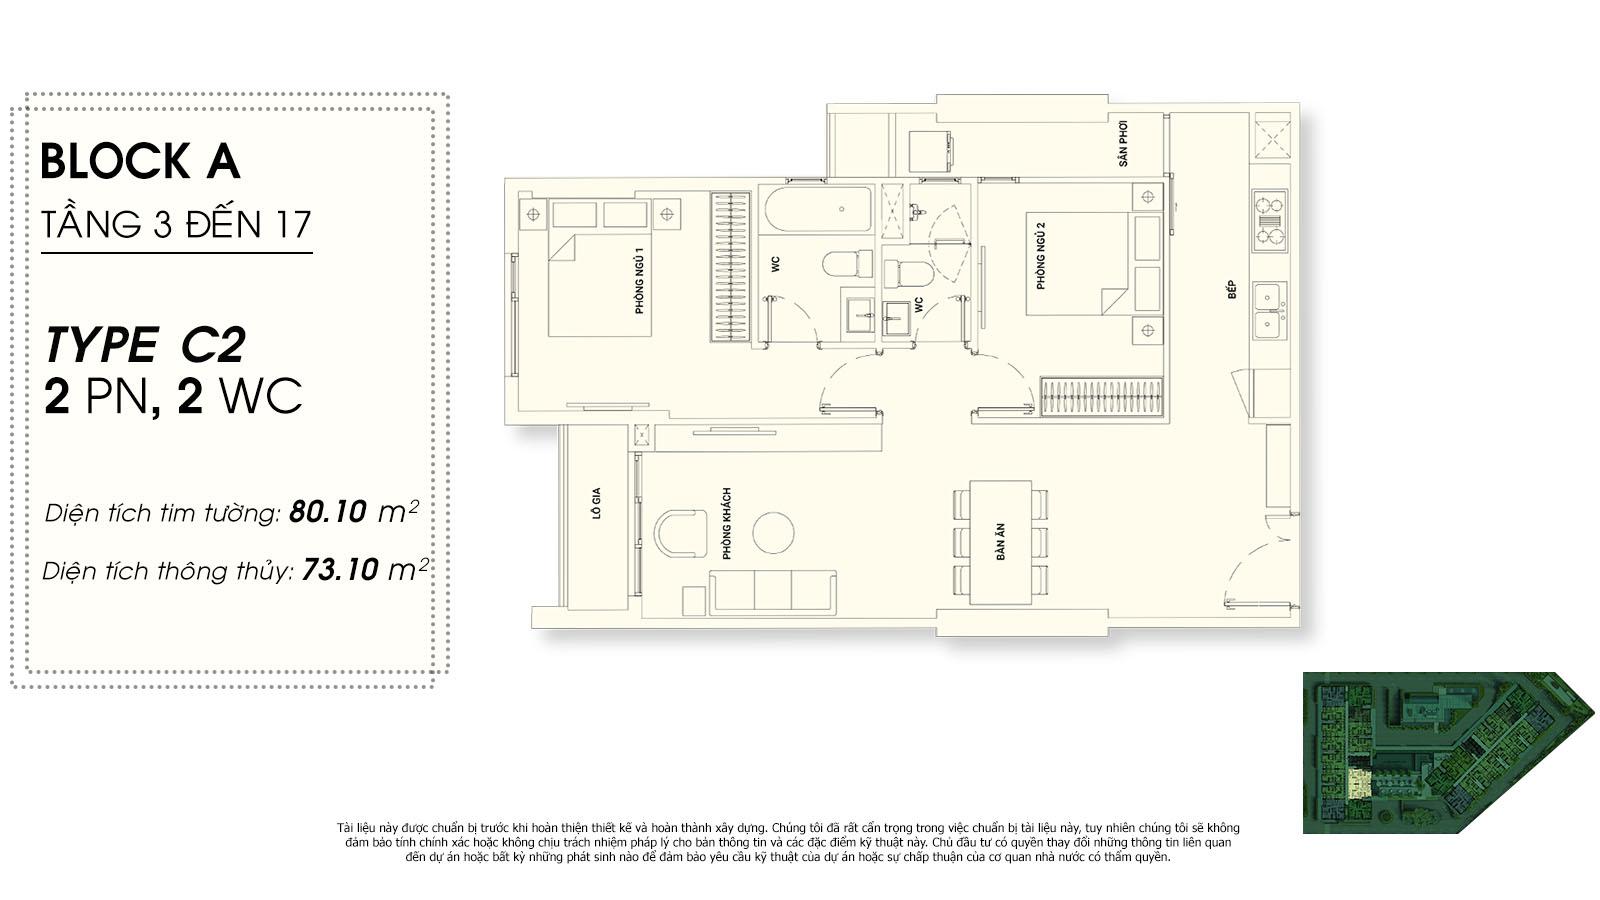 thiết kế căn hộ chung cư Asiana riverside Quận 7  - 2 phòng ngủ - 2 Wc